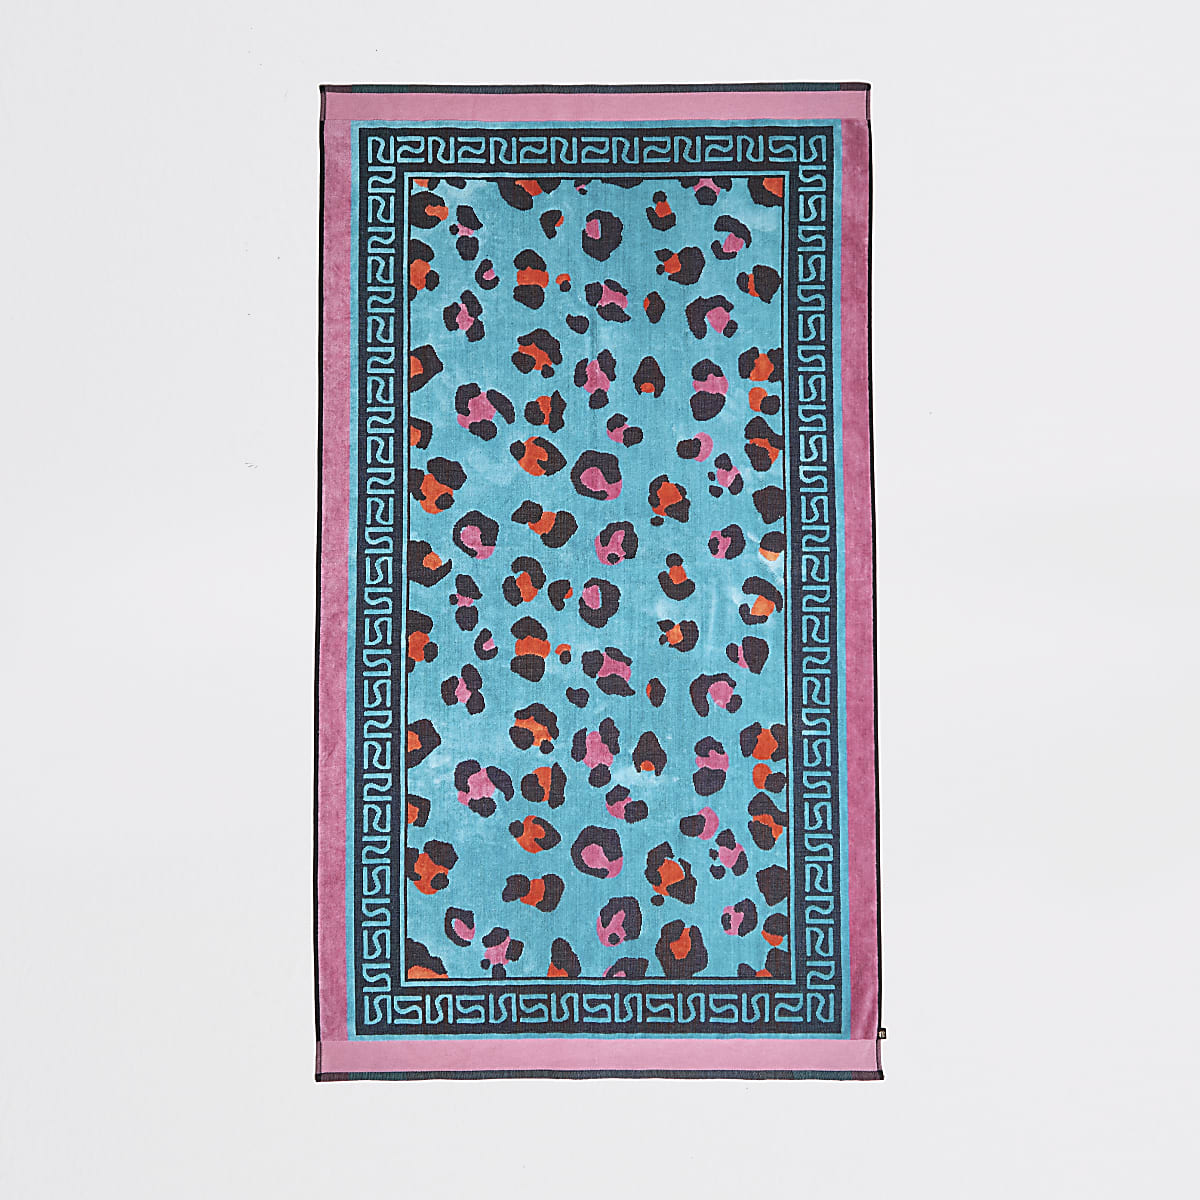 Blauwe jacquard handdoek met luipaardprint